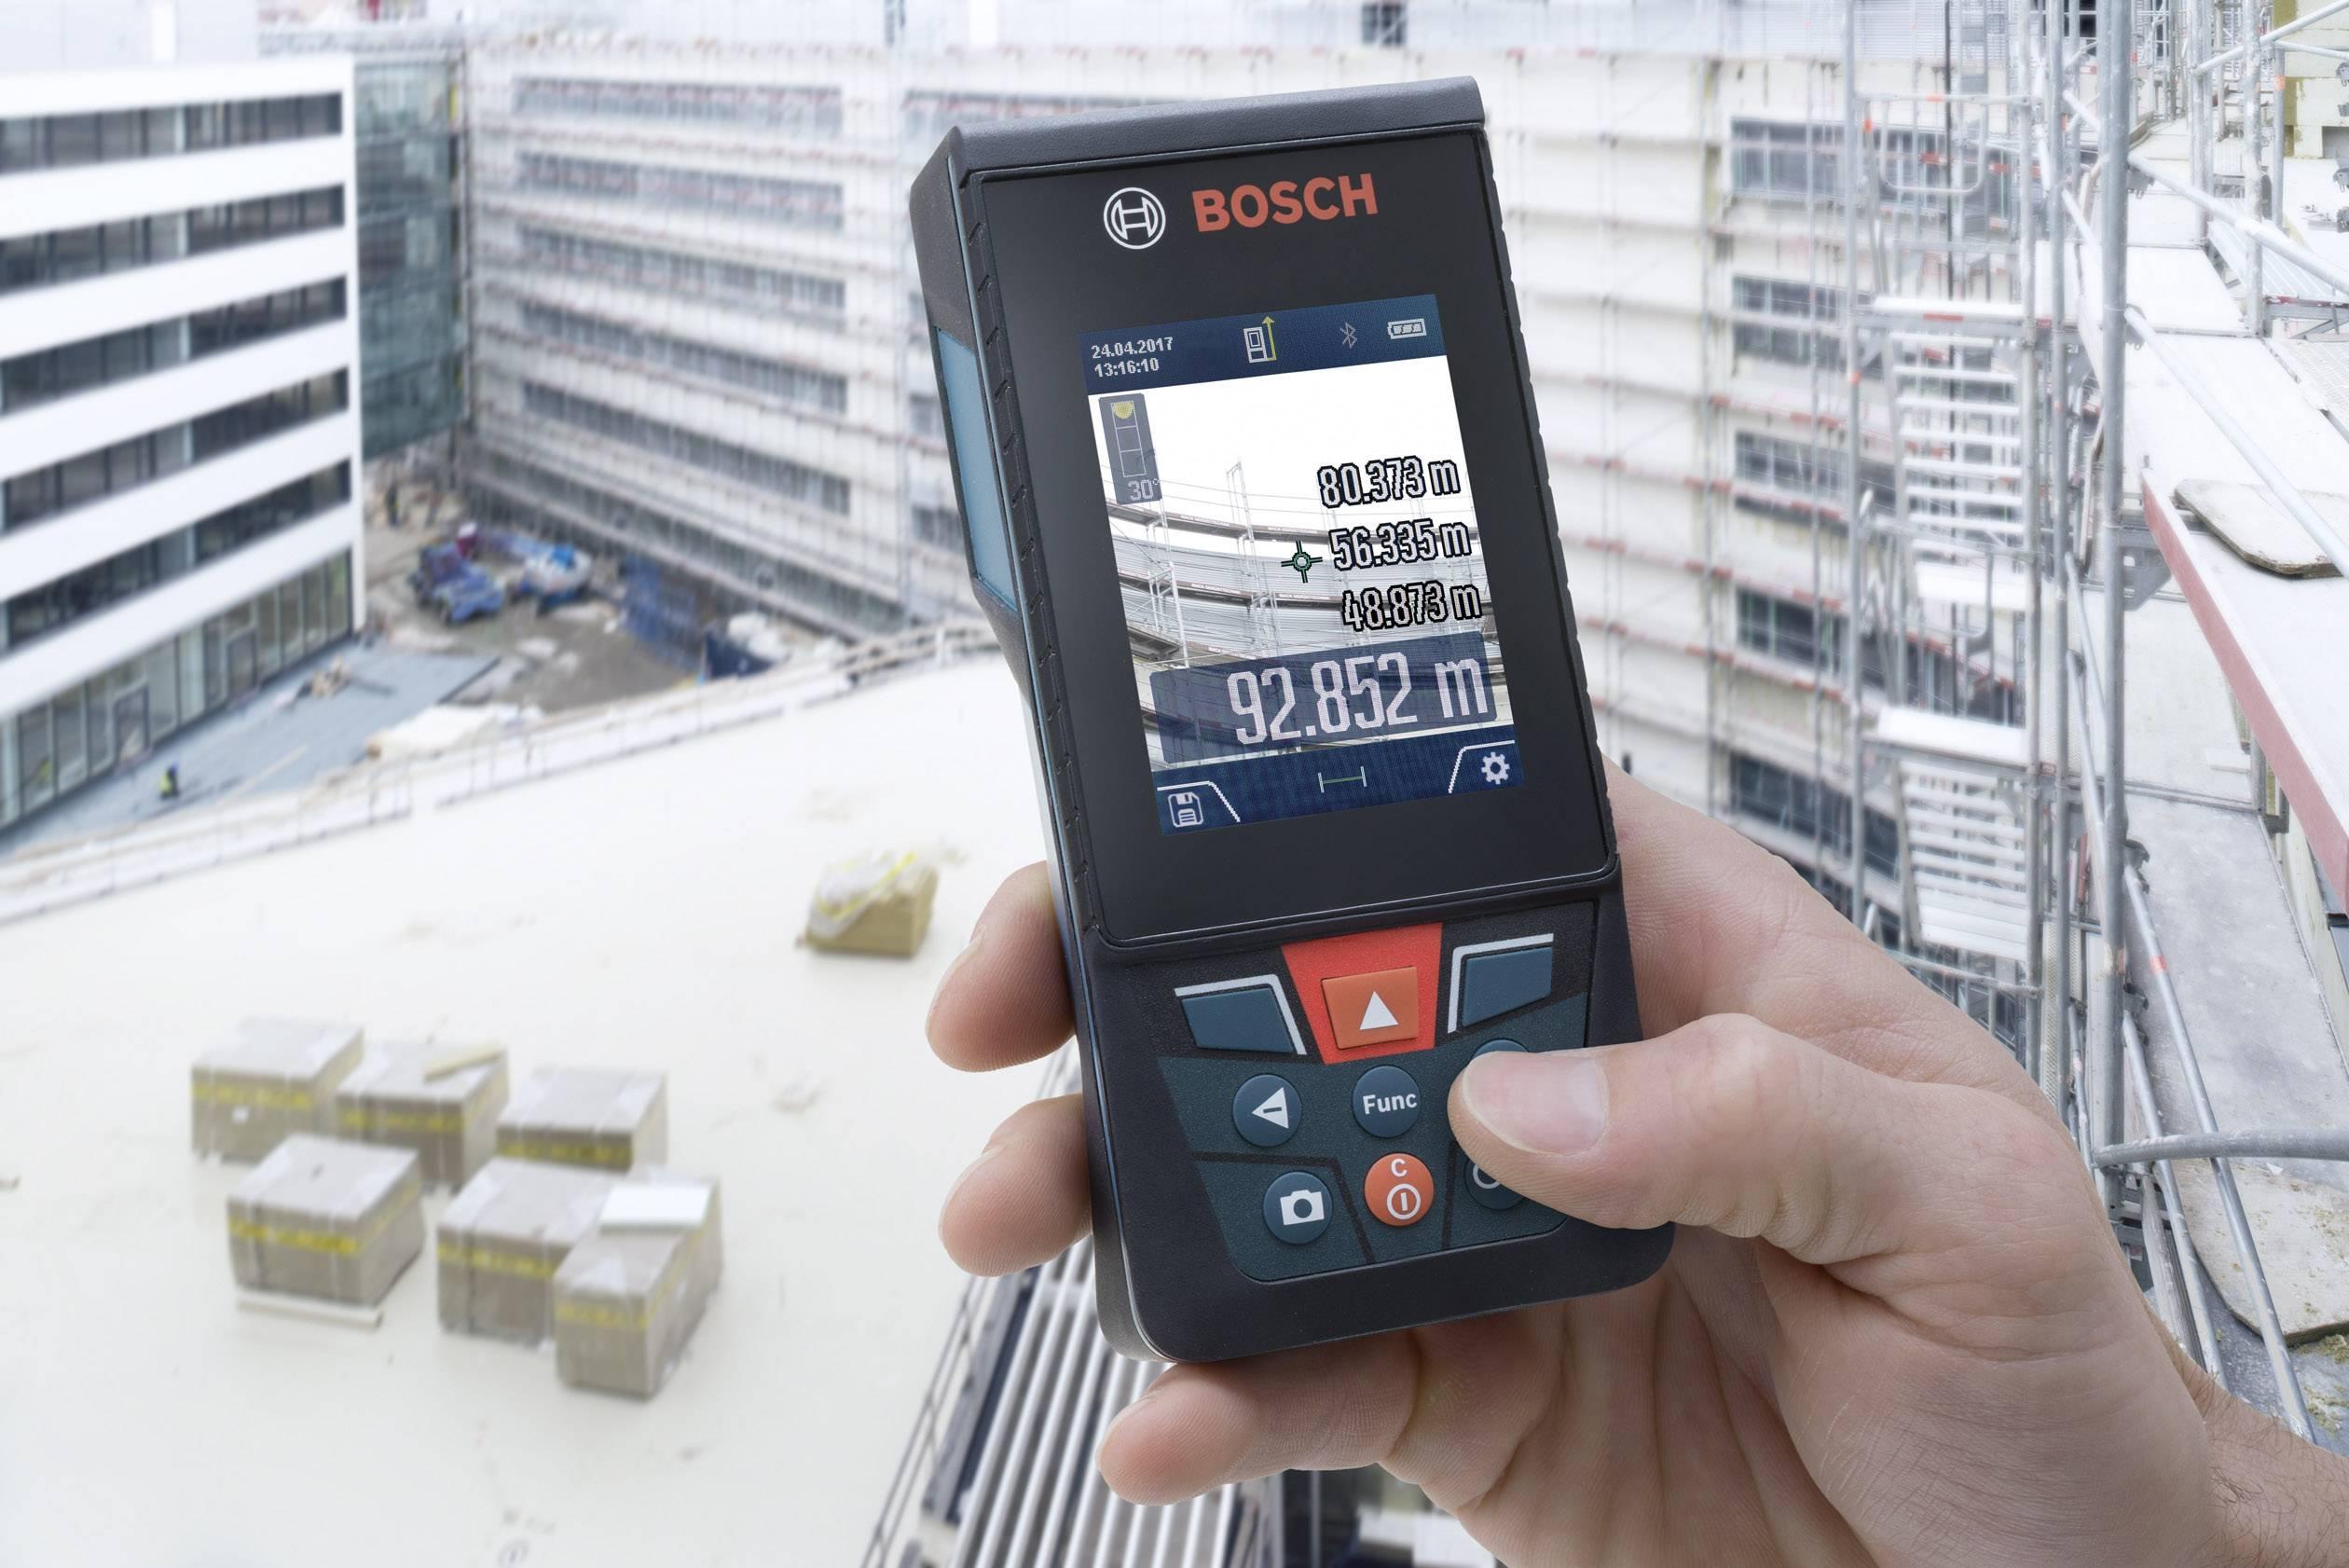 Entfernungsmesser Conrad : Bosch laser entfernungsmesser conrad: home and garden plr c